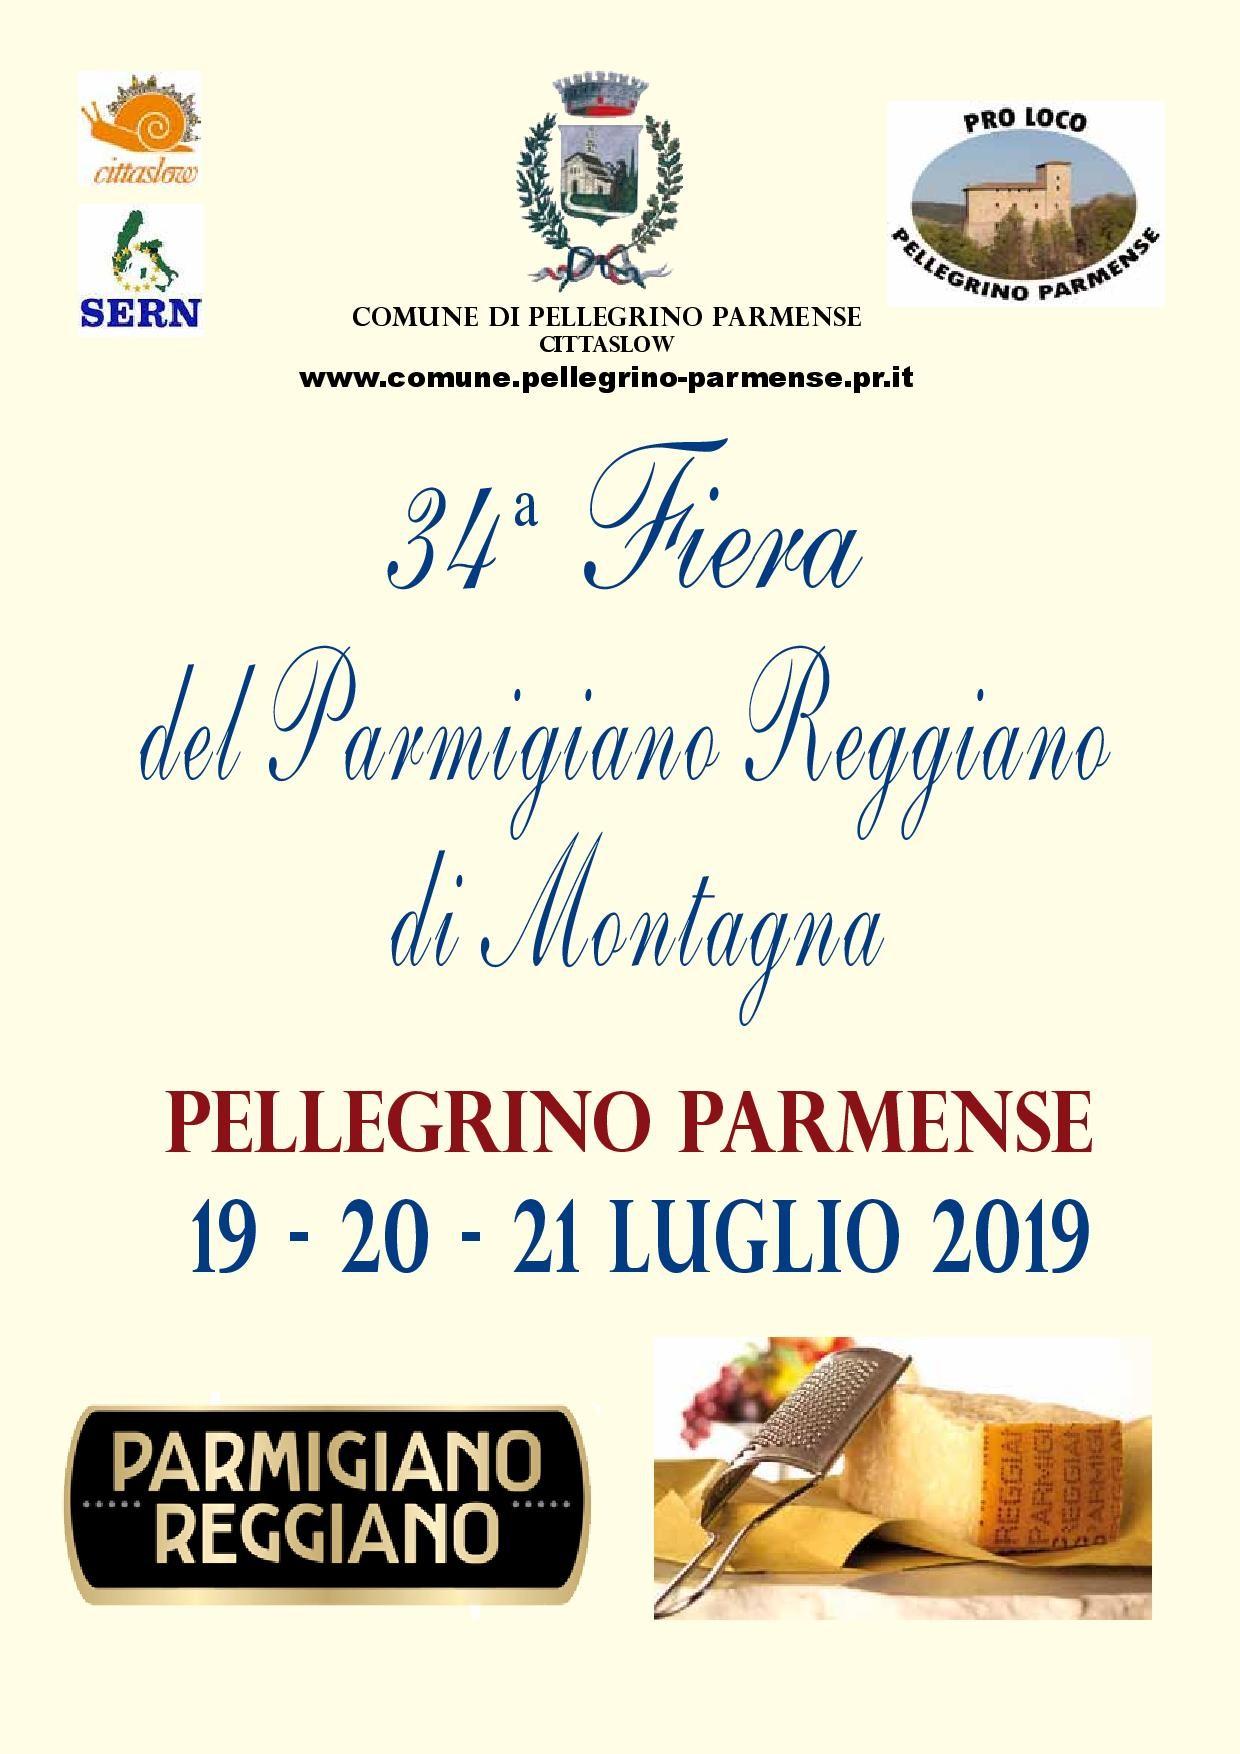 Fiera del Parmigiano Reggiano di Montagna a Pellegrino Parmense